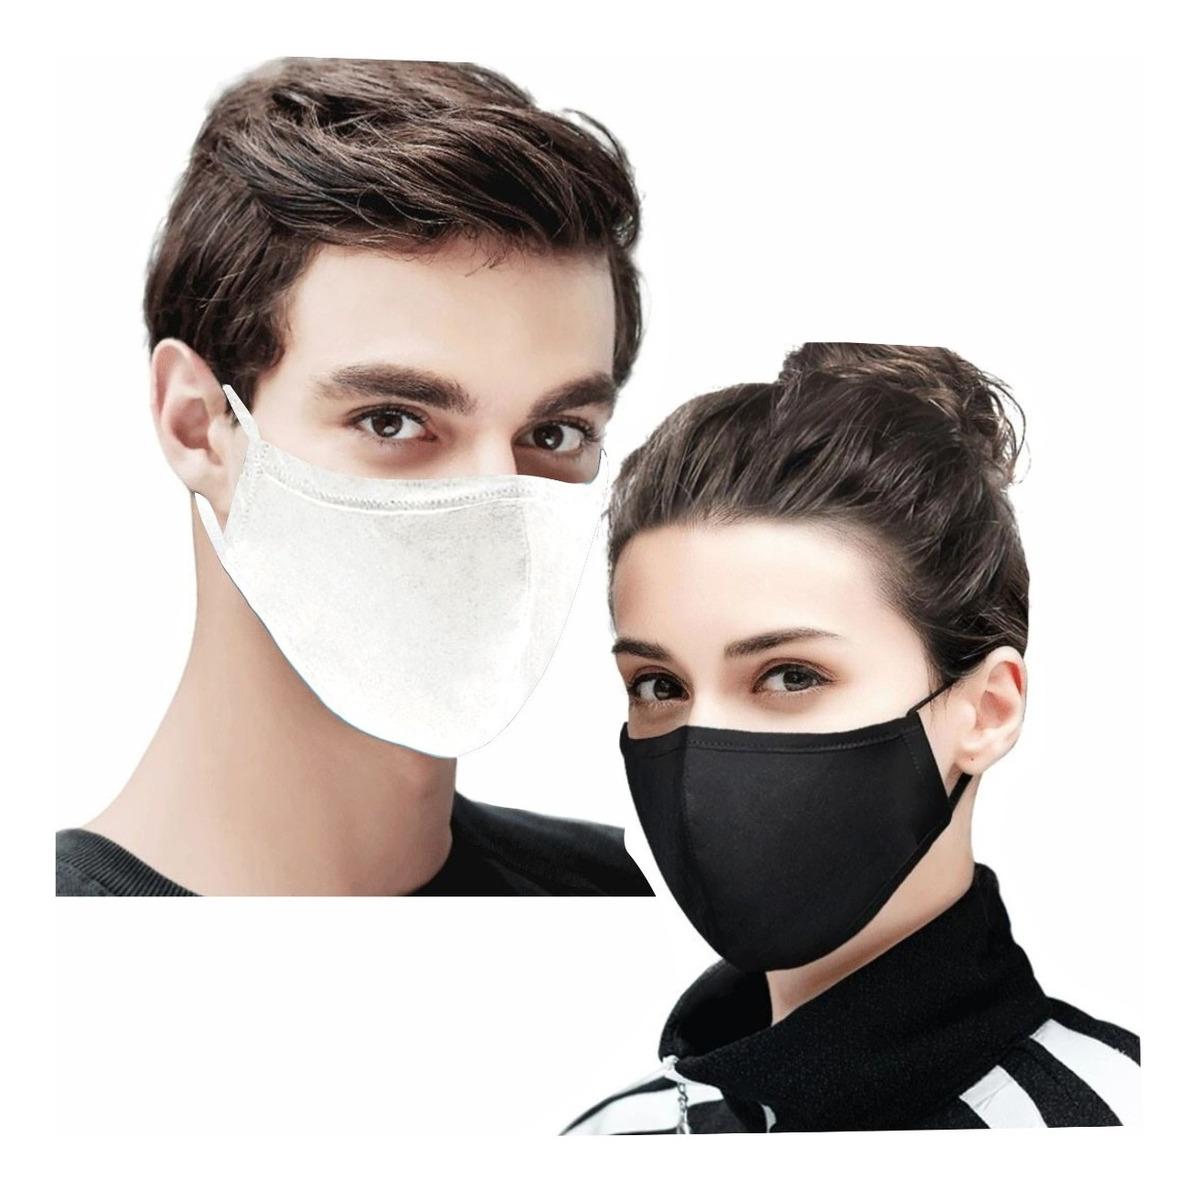 Estilista de Americana confecciona e doa máscaras de